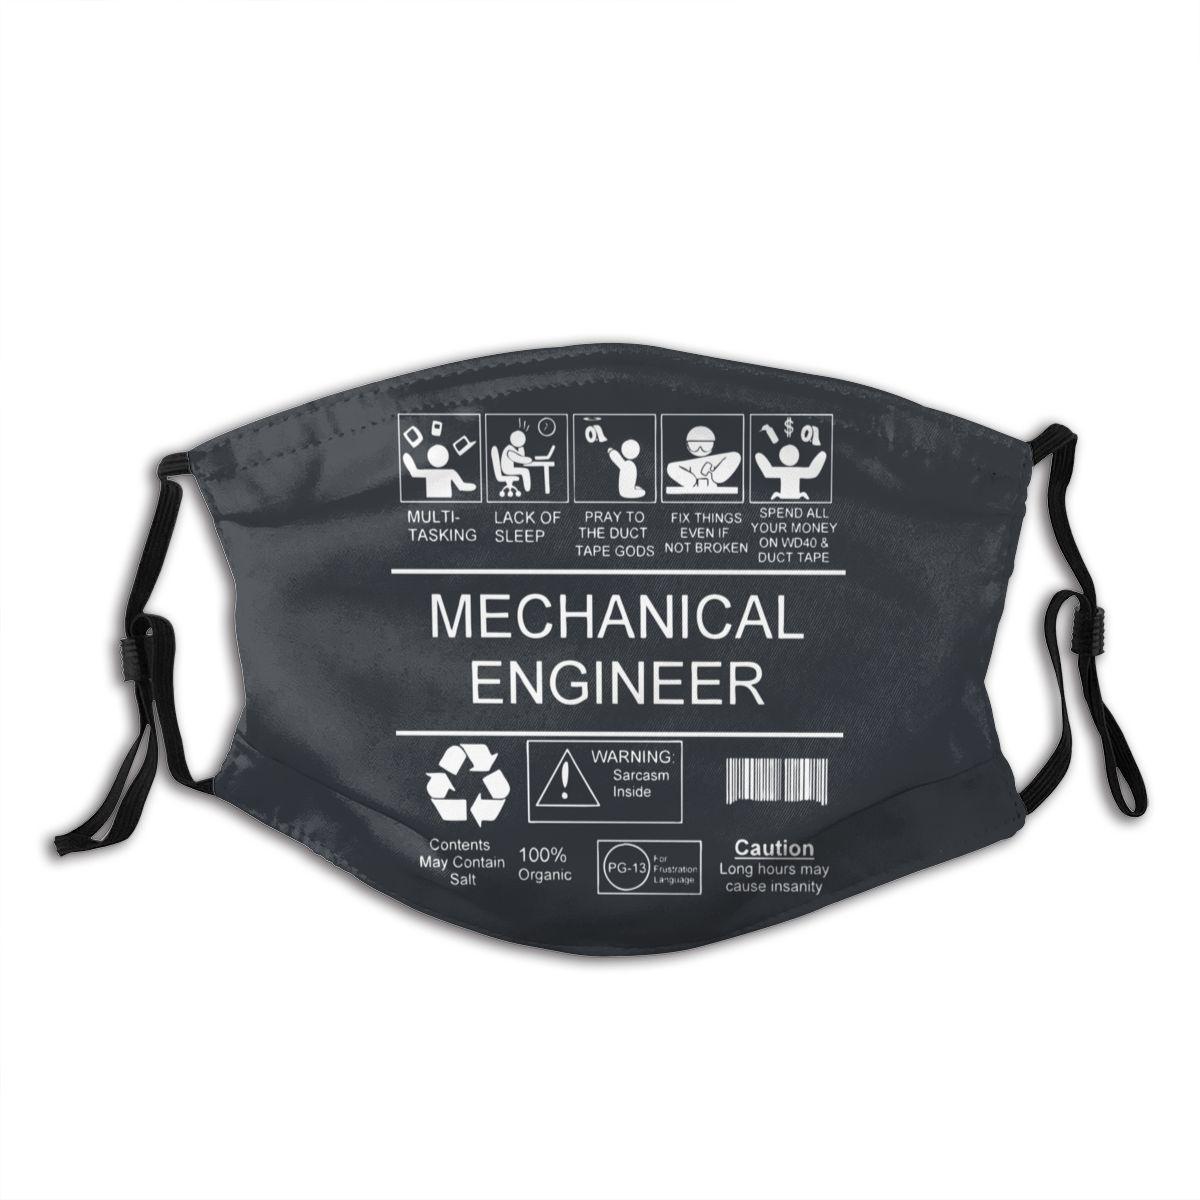 Mascarilla facial reutilizable Unisex de ingeniería mecánica con filtro de fijación de coche máscara respiratoria antipolvo mufla de boca 10/100/200 Uds mascarillas bucales 3 capas filtro seguro mascarilla facial anticontaminación mascarillas desechables no tejidas máscara protectora transpirable